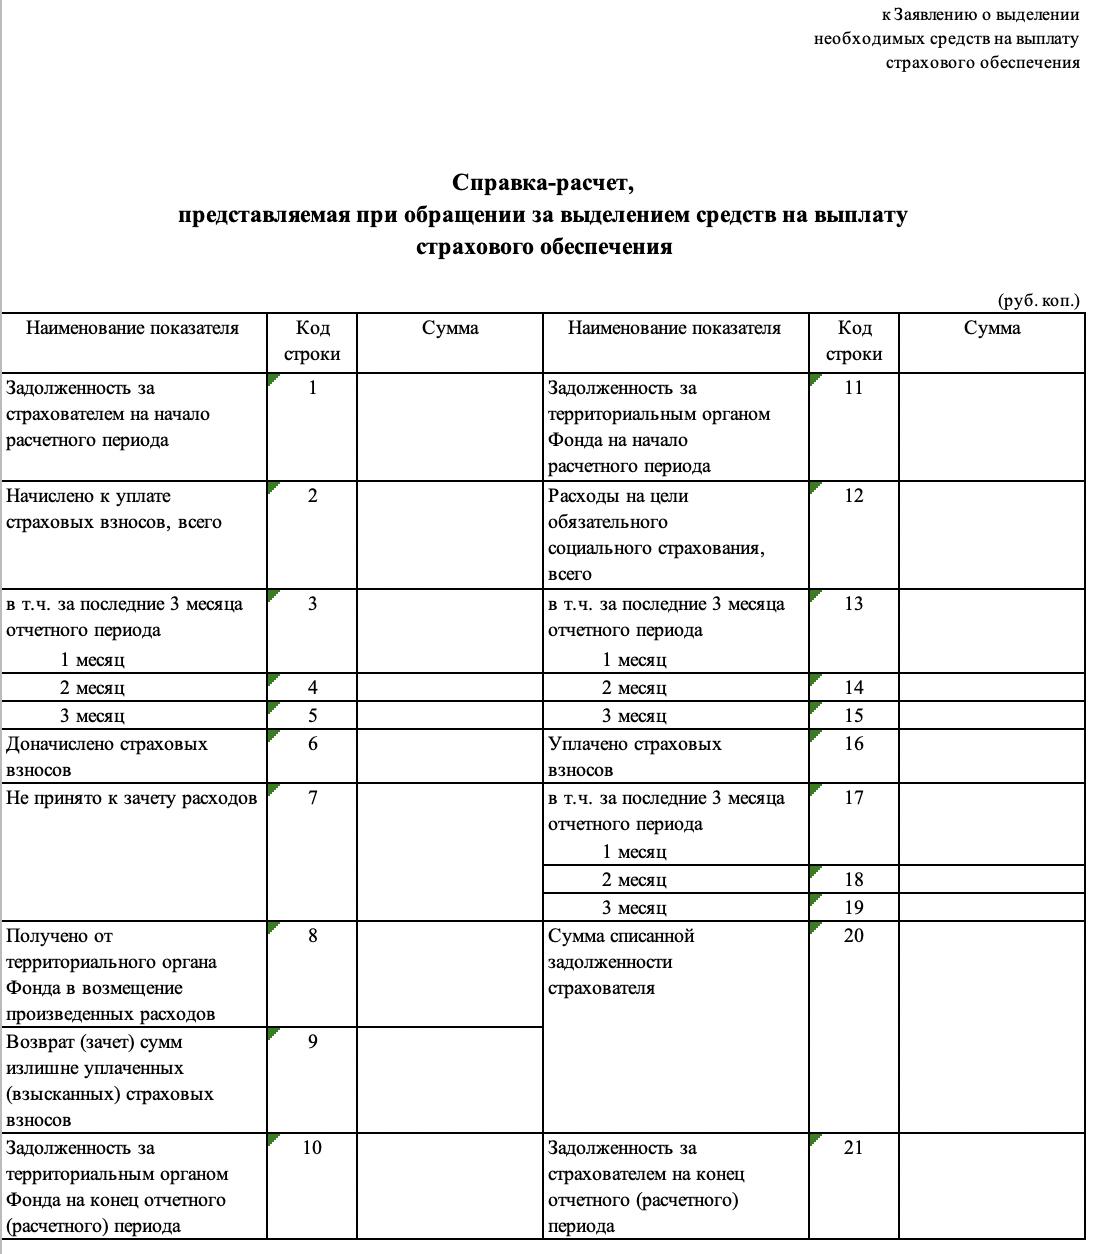 Справка-расчет для возмещения пособия из ФСС в 2019 году образец